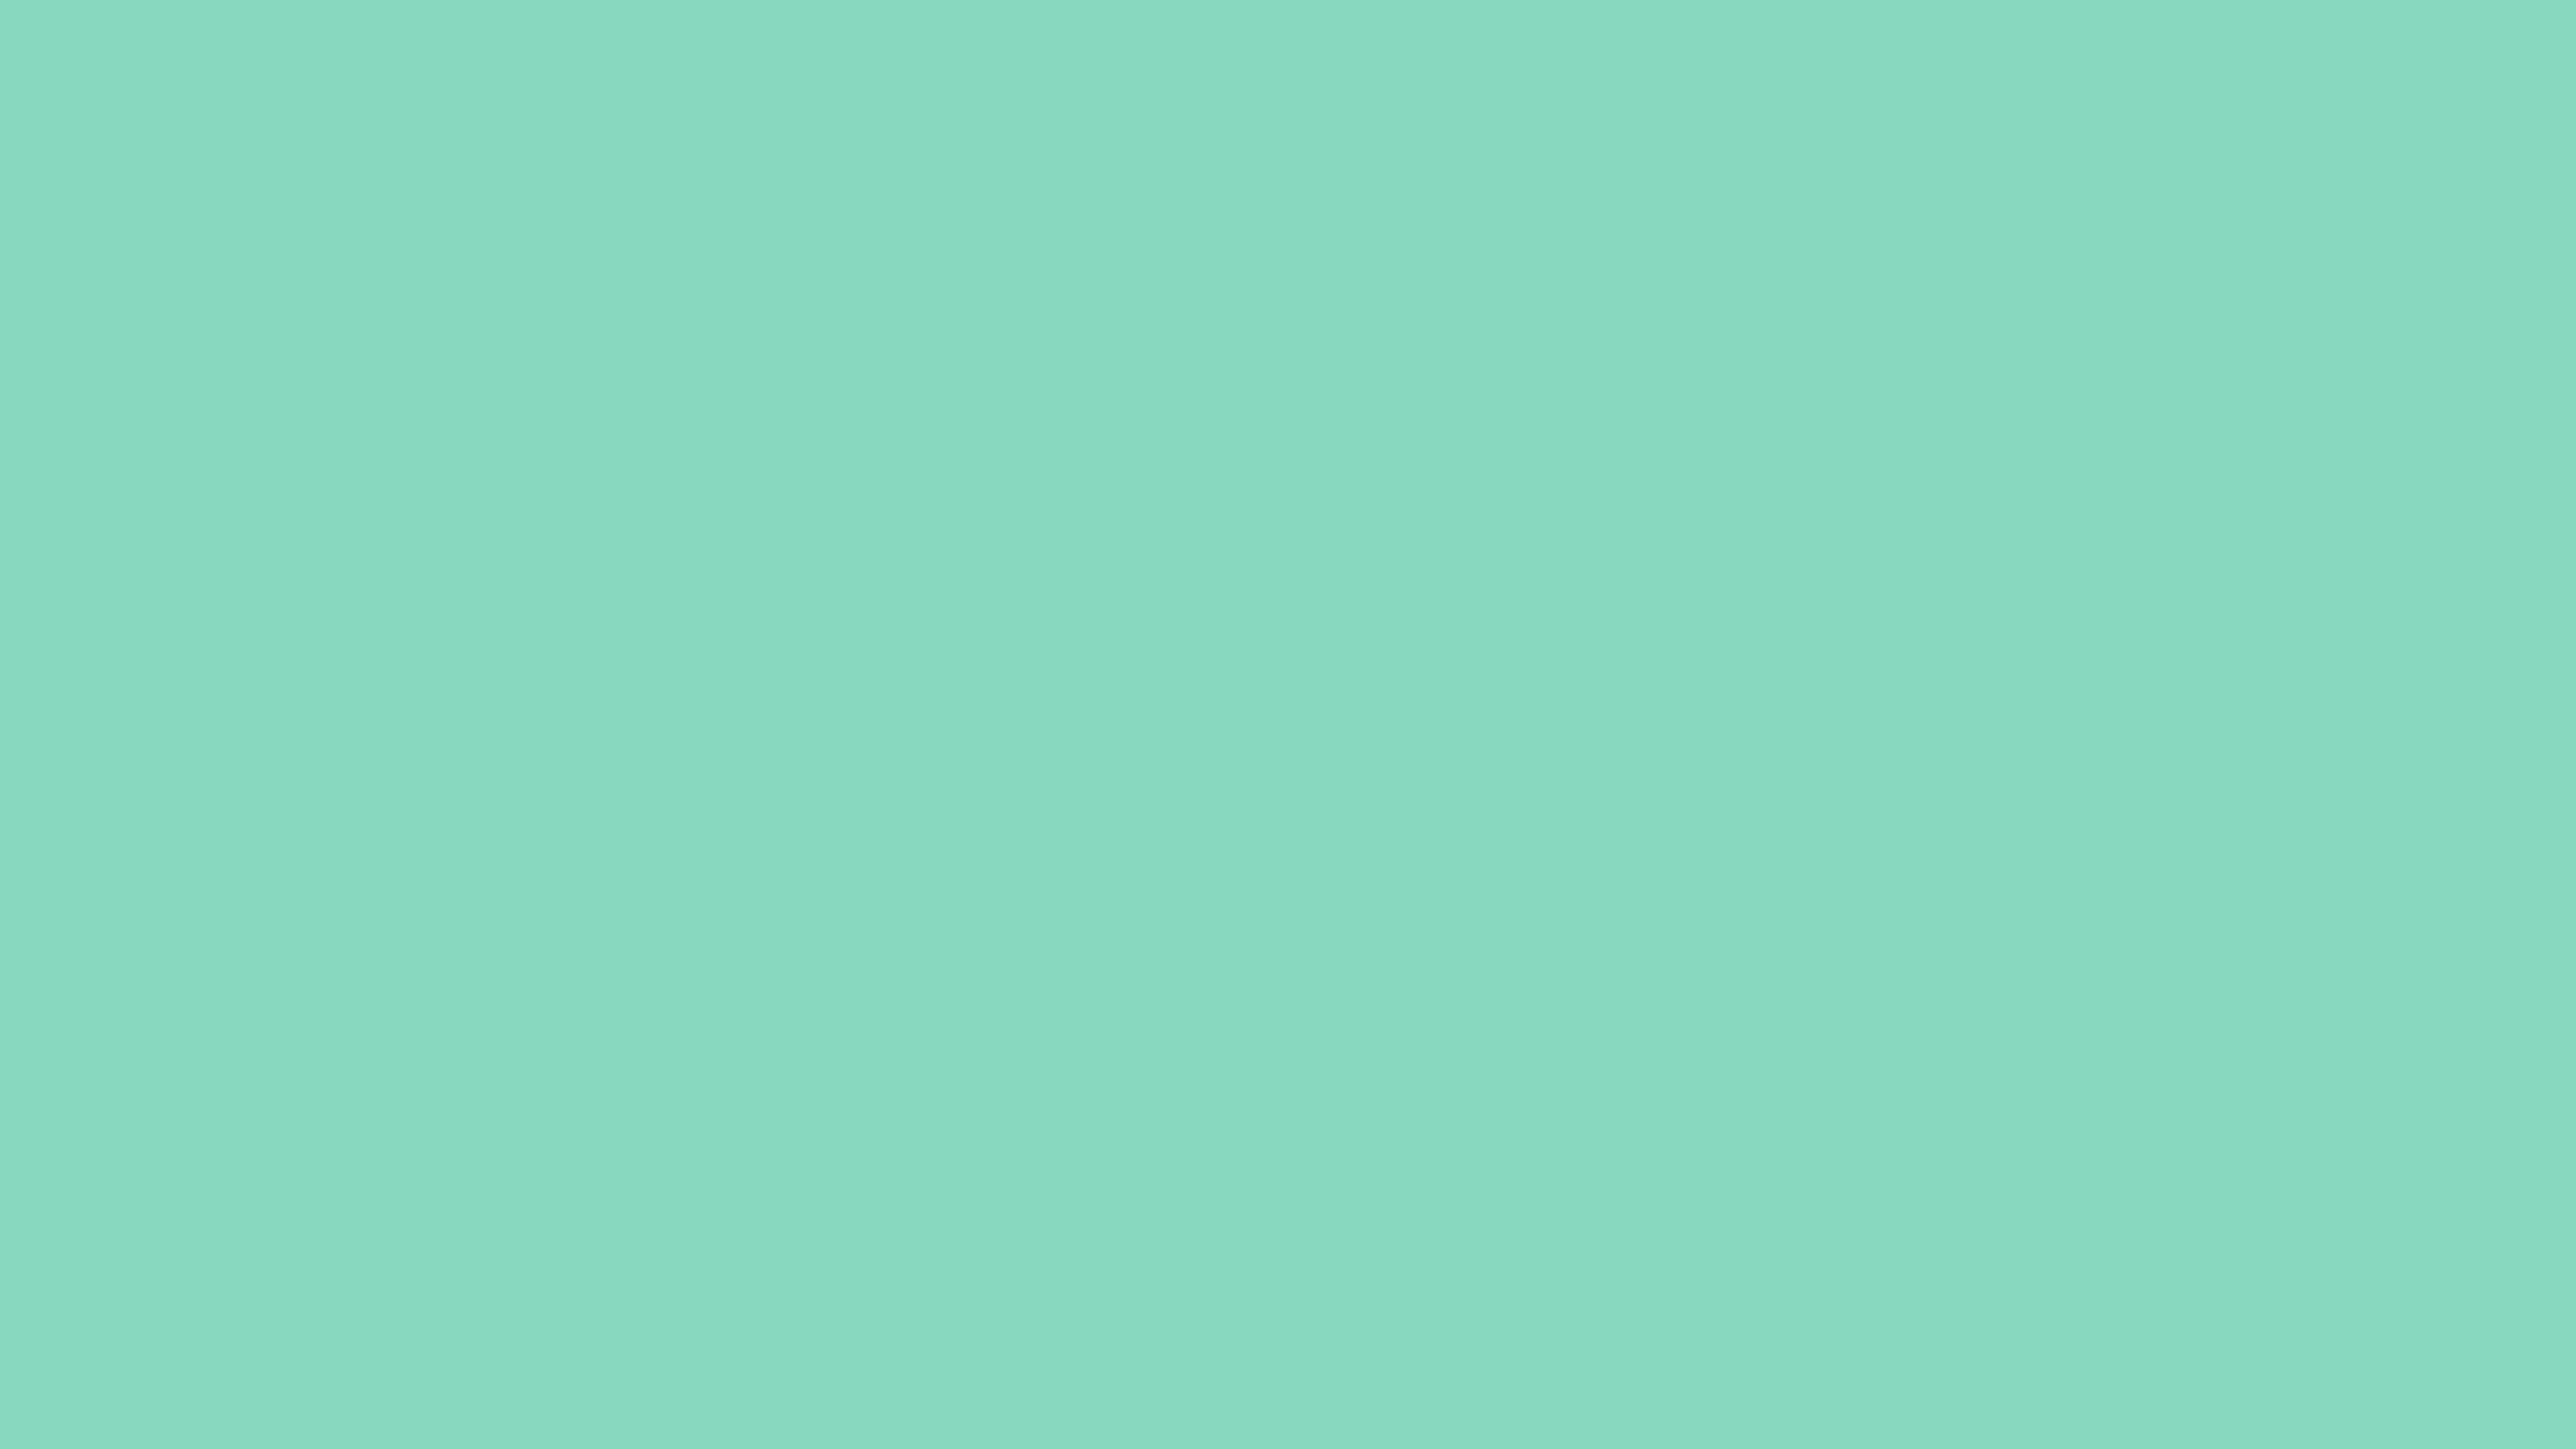 5120x2880 Pearl Aqua Solid Color Background